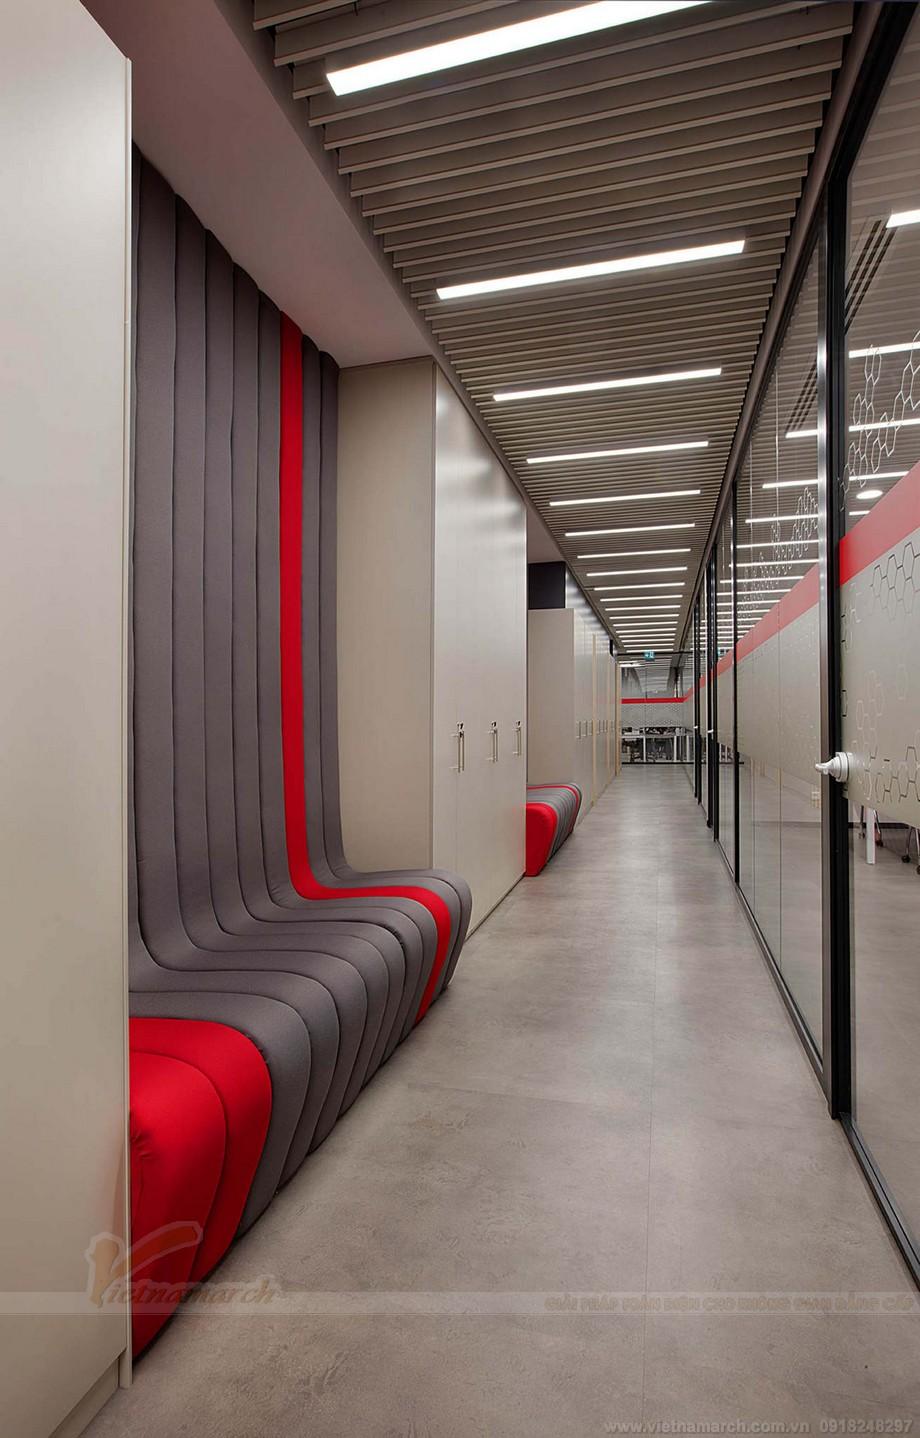 Thiết kế sảnh , trần nhà,hành lang và cầu thang của coworking space